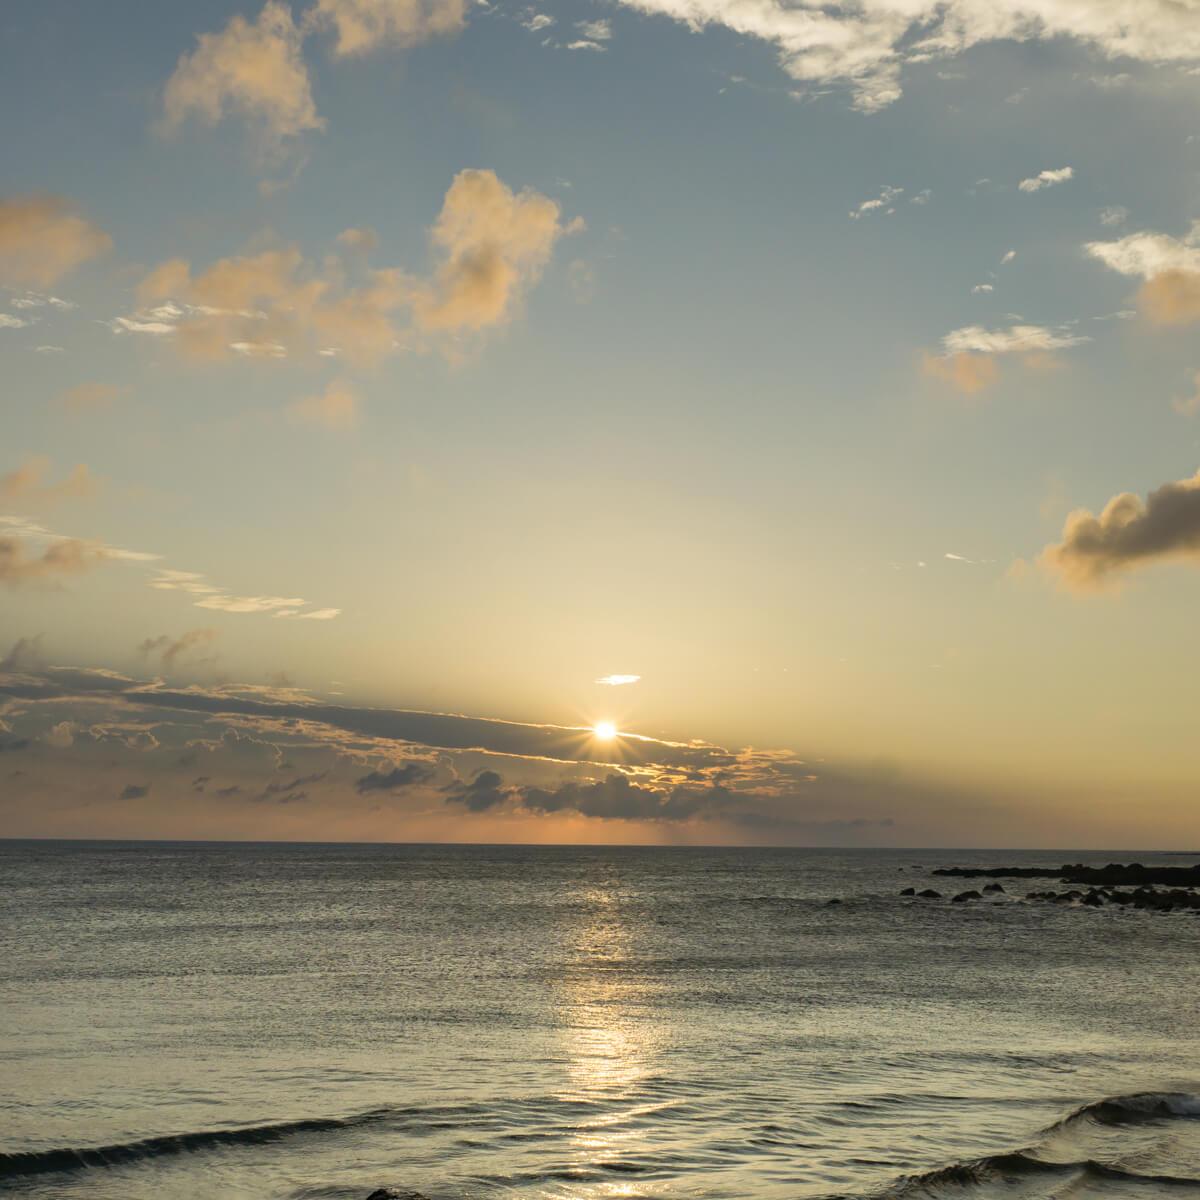 屋久島の海空 夕暮れ時 屋久島海とジュエリー オーダーメイドマリッジリングのモチーフ